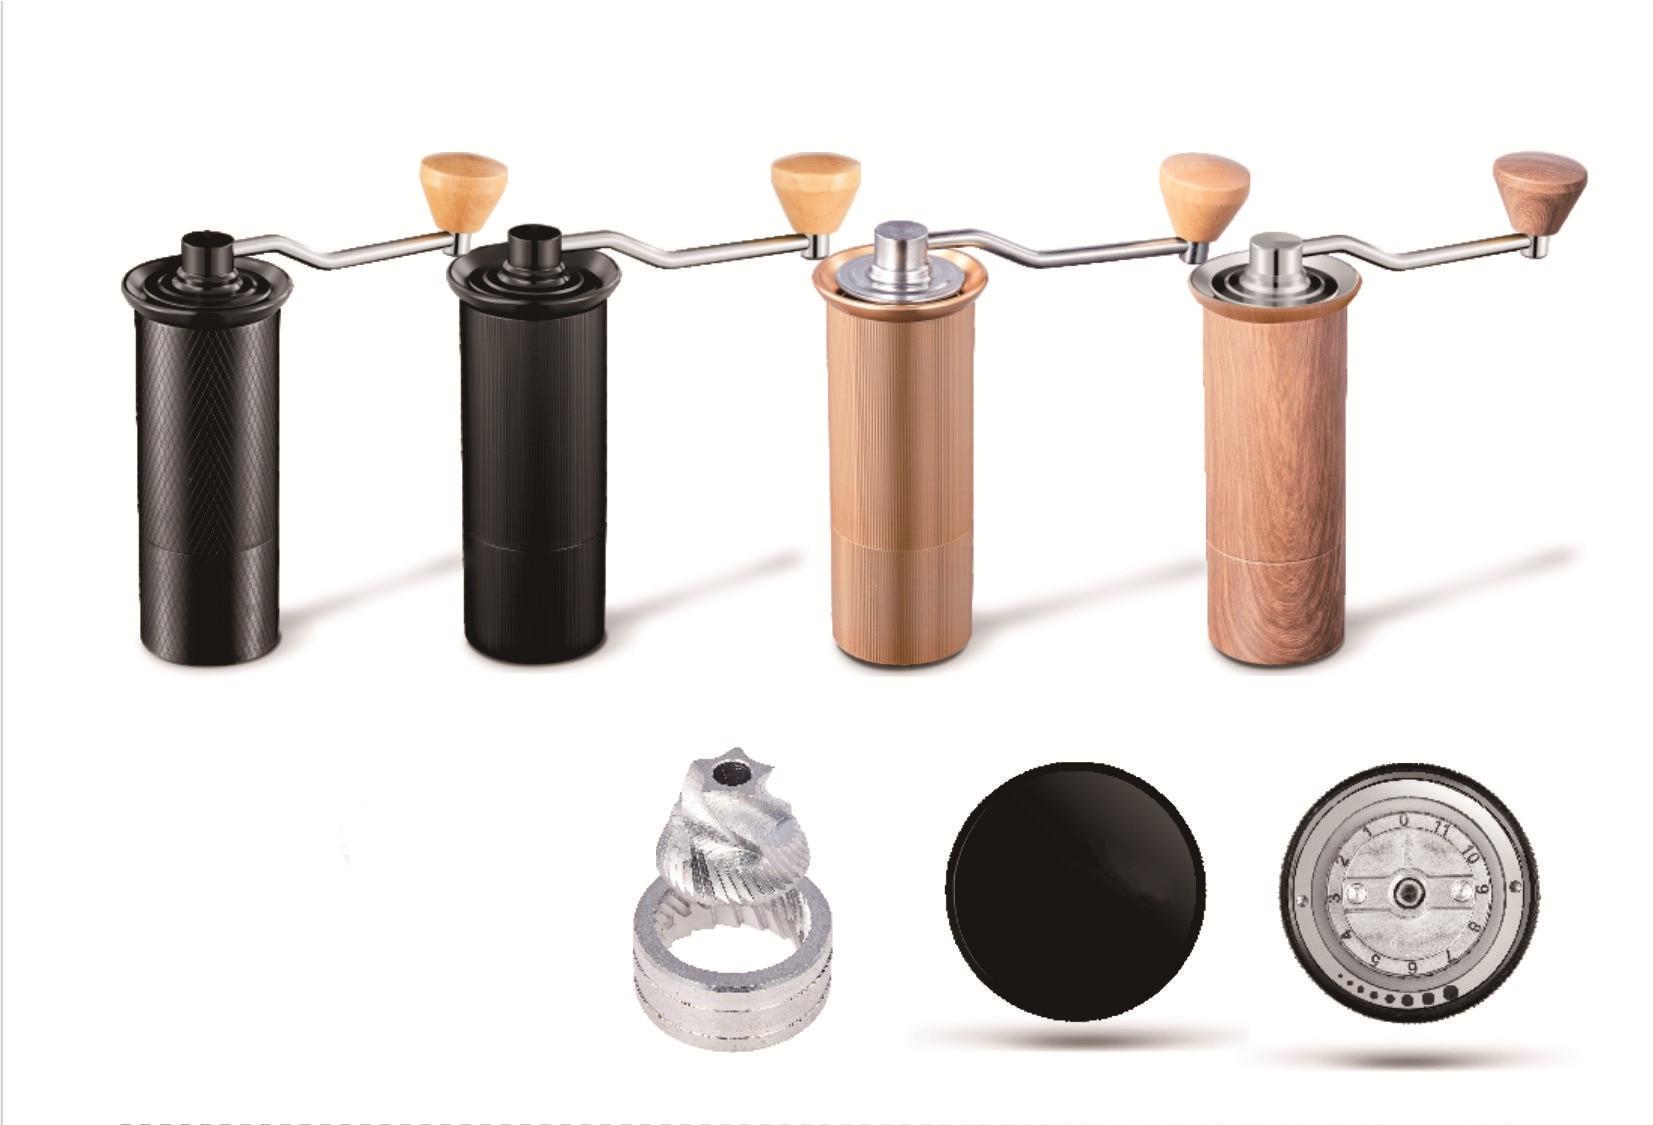 HAANZHALL 50 мм ручная кофемолка из нержавеющей стали заусенцы коническая Кофемолка мельница ручной кофе фрезерный станок|Ручные кофемолки|   | АлиЭкспресс